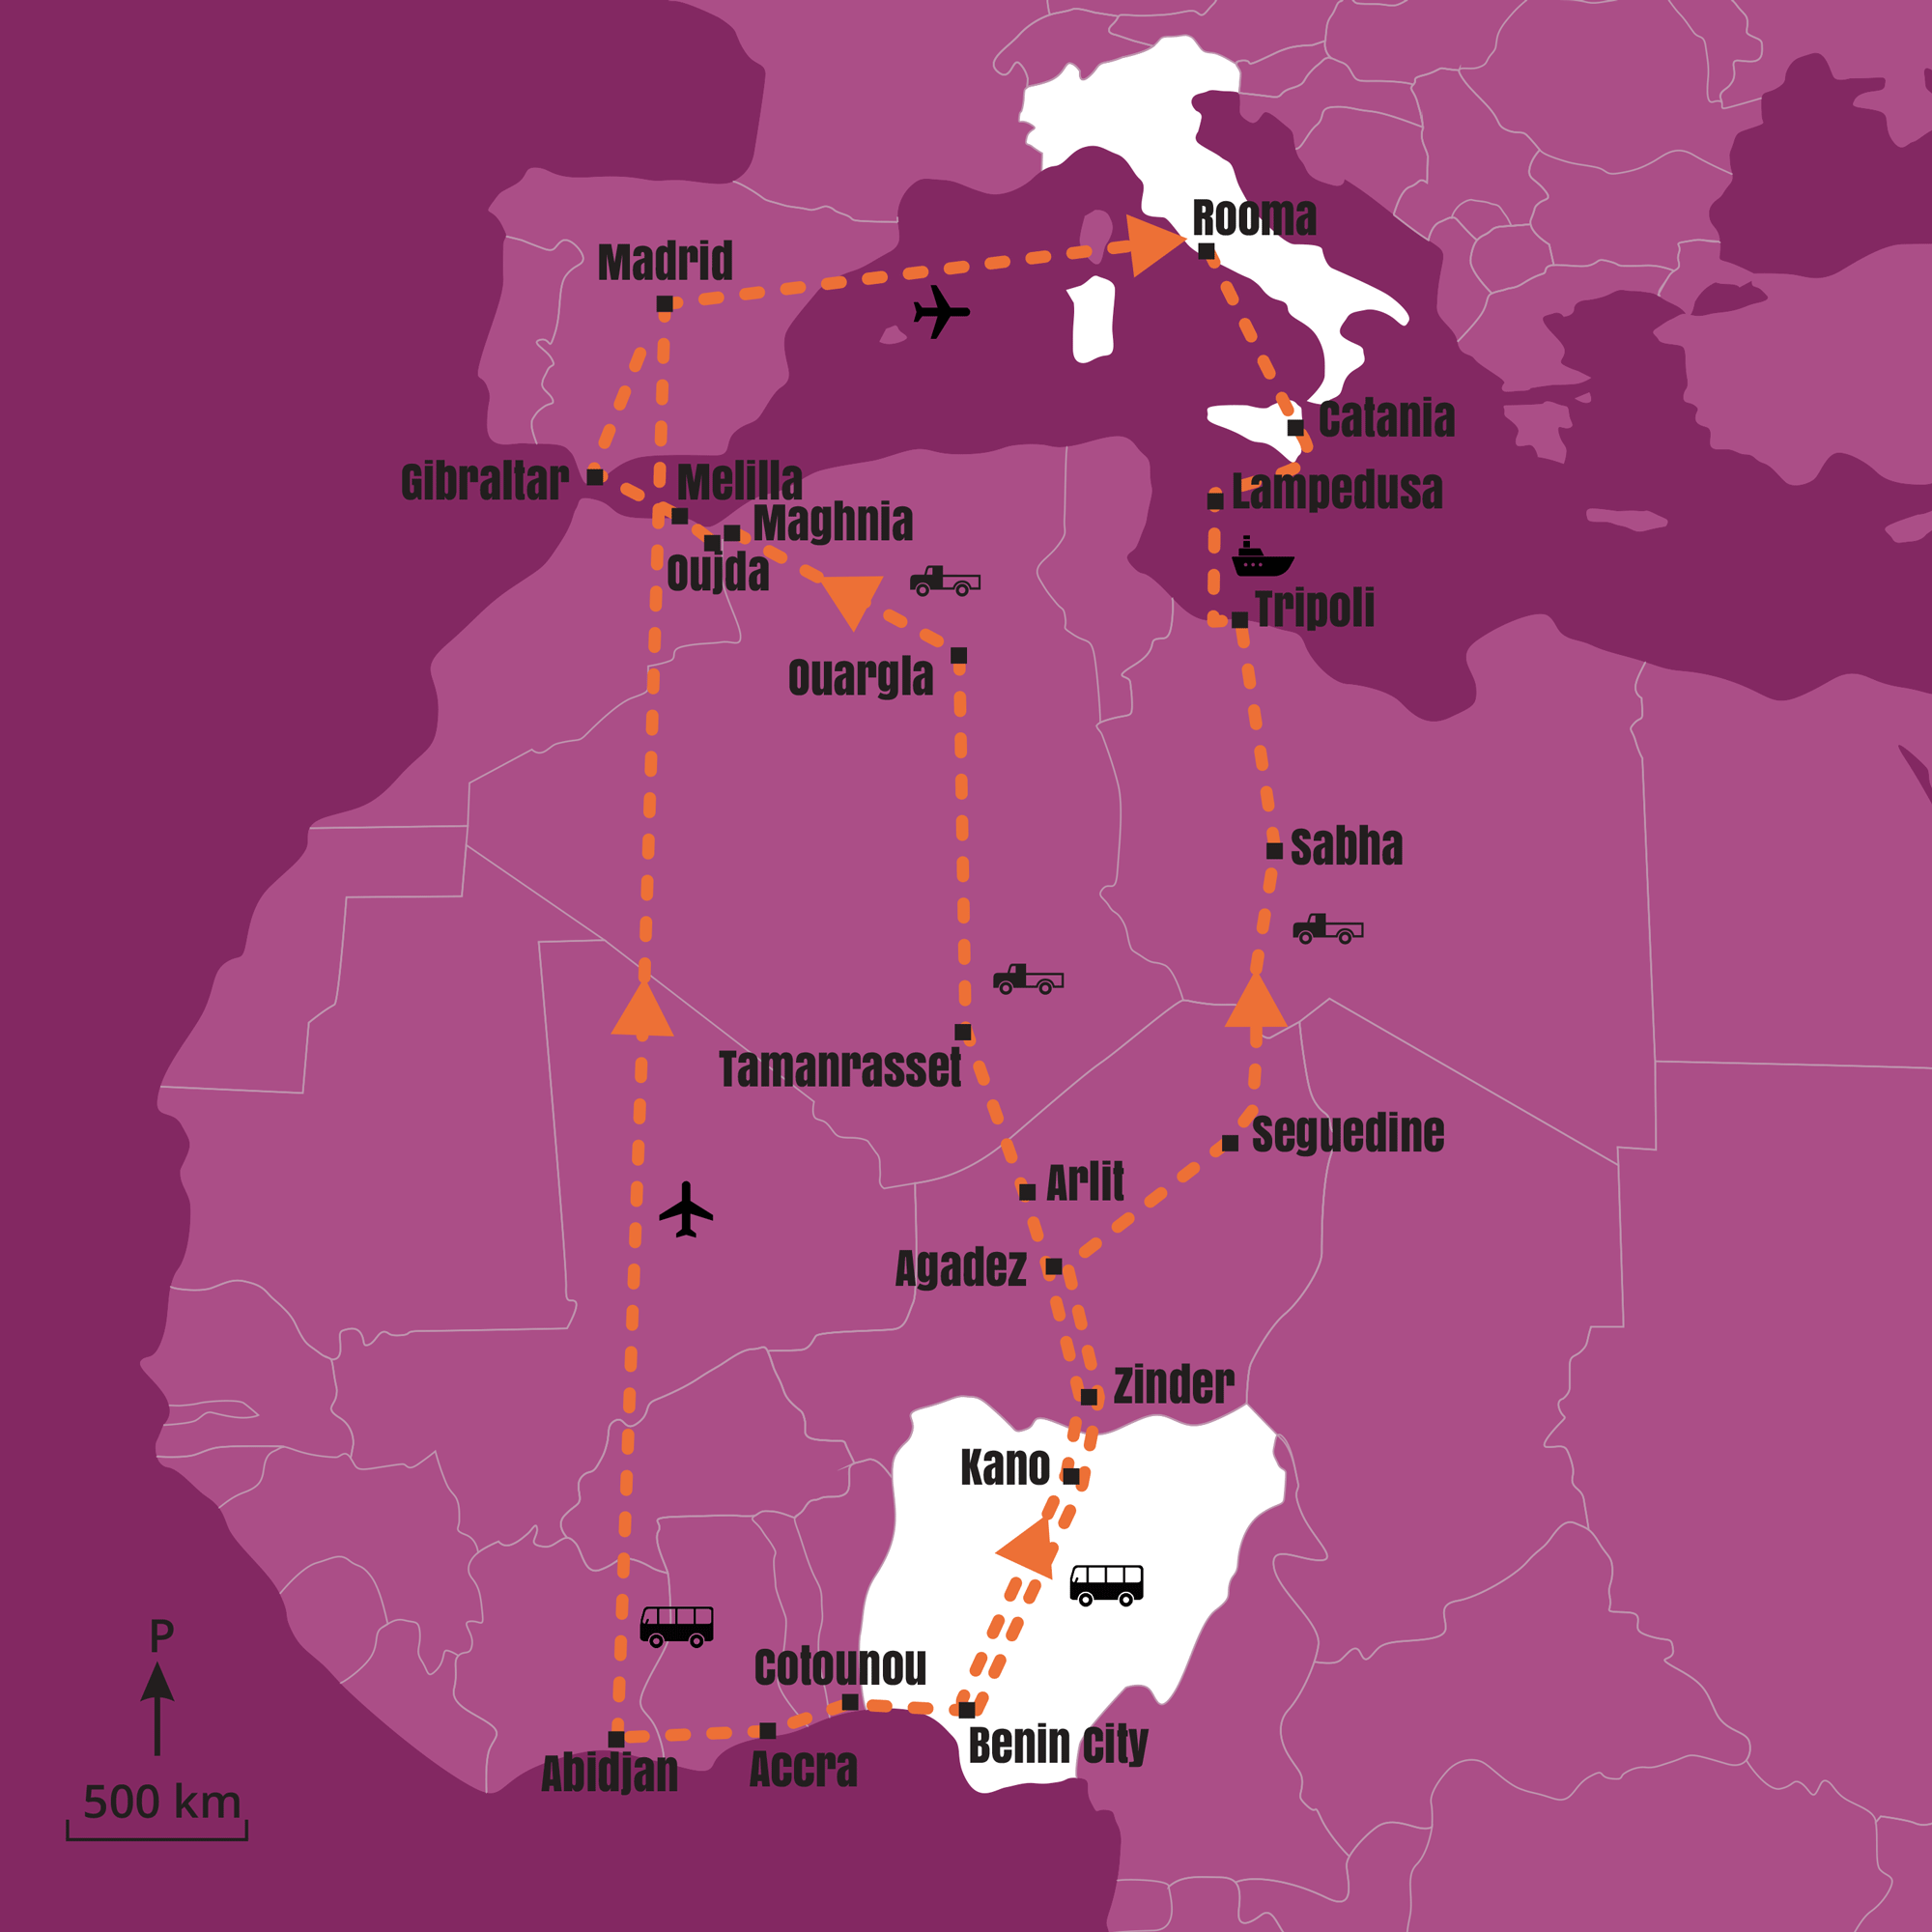 Nigeriasta Eurooppaan suuntautuvan ihmiskaupan reittejä. Kuvassa on esitetty kaksi yleisesti käytettyä reittiä Saharan poikki sekä Itohan Okundayen matka, jonka hän taittoi bussilla ja lentäen.